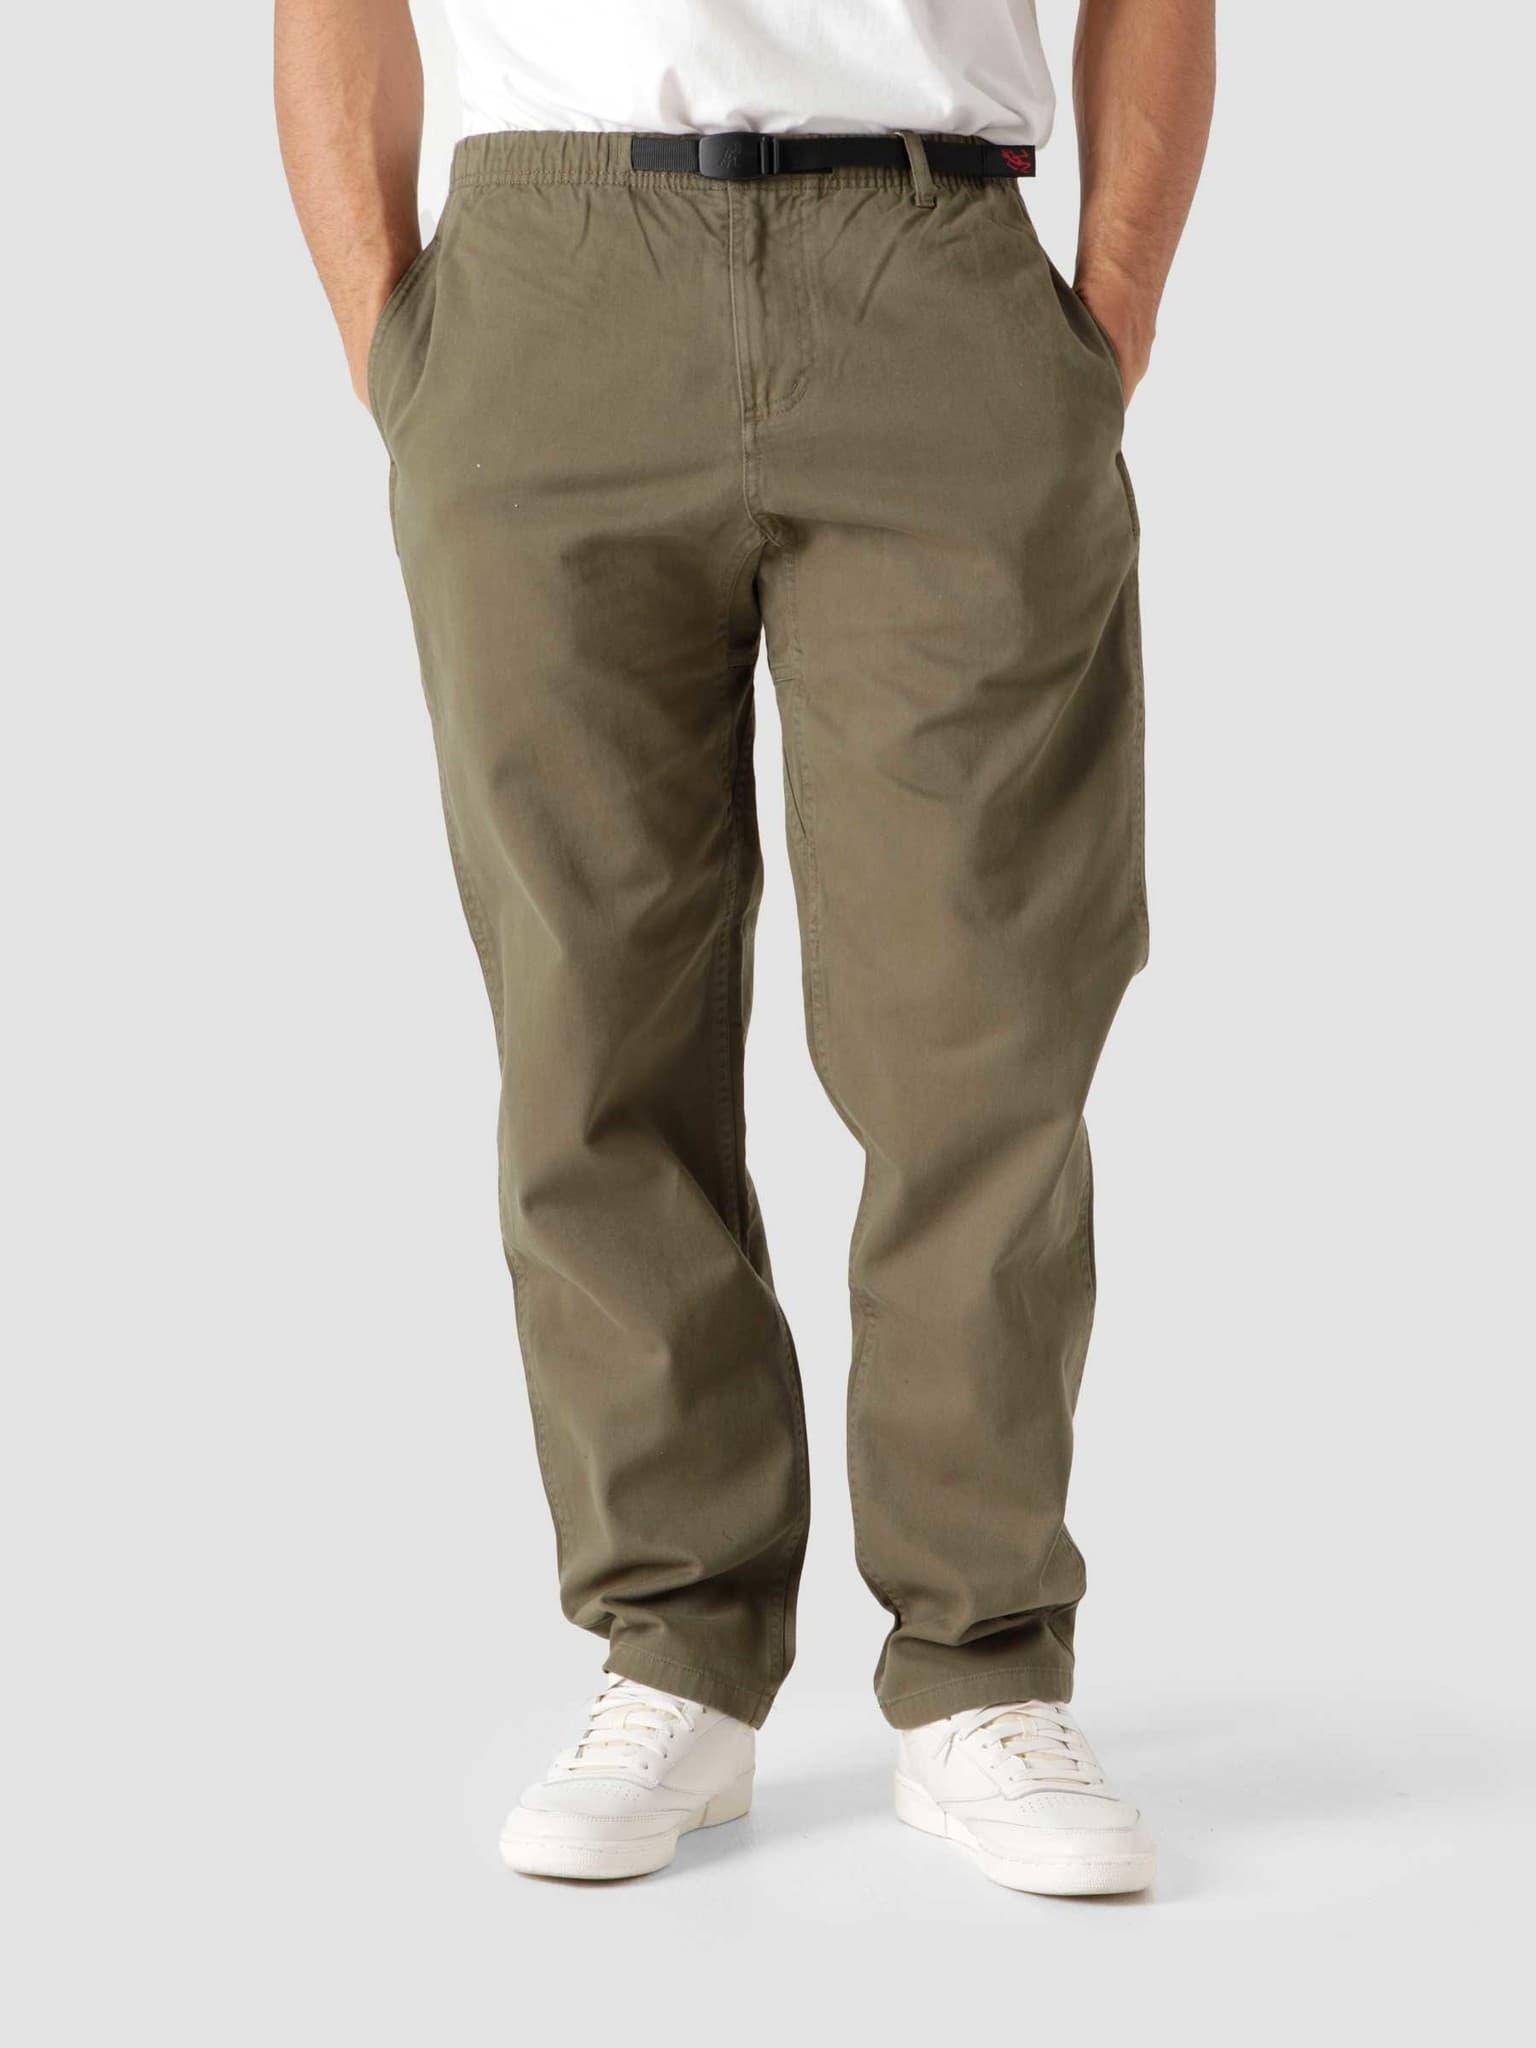 Pants Olive 8657-56J